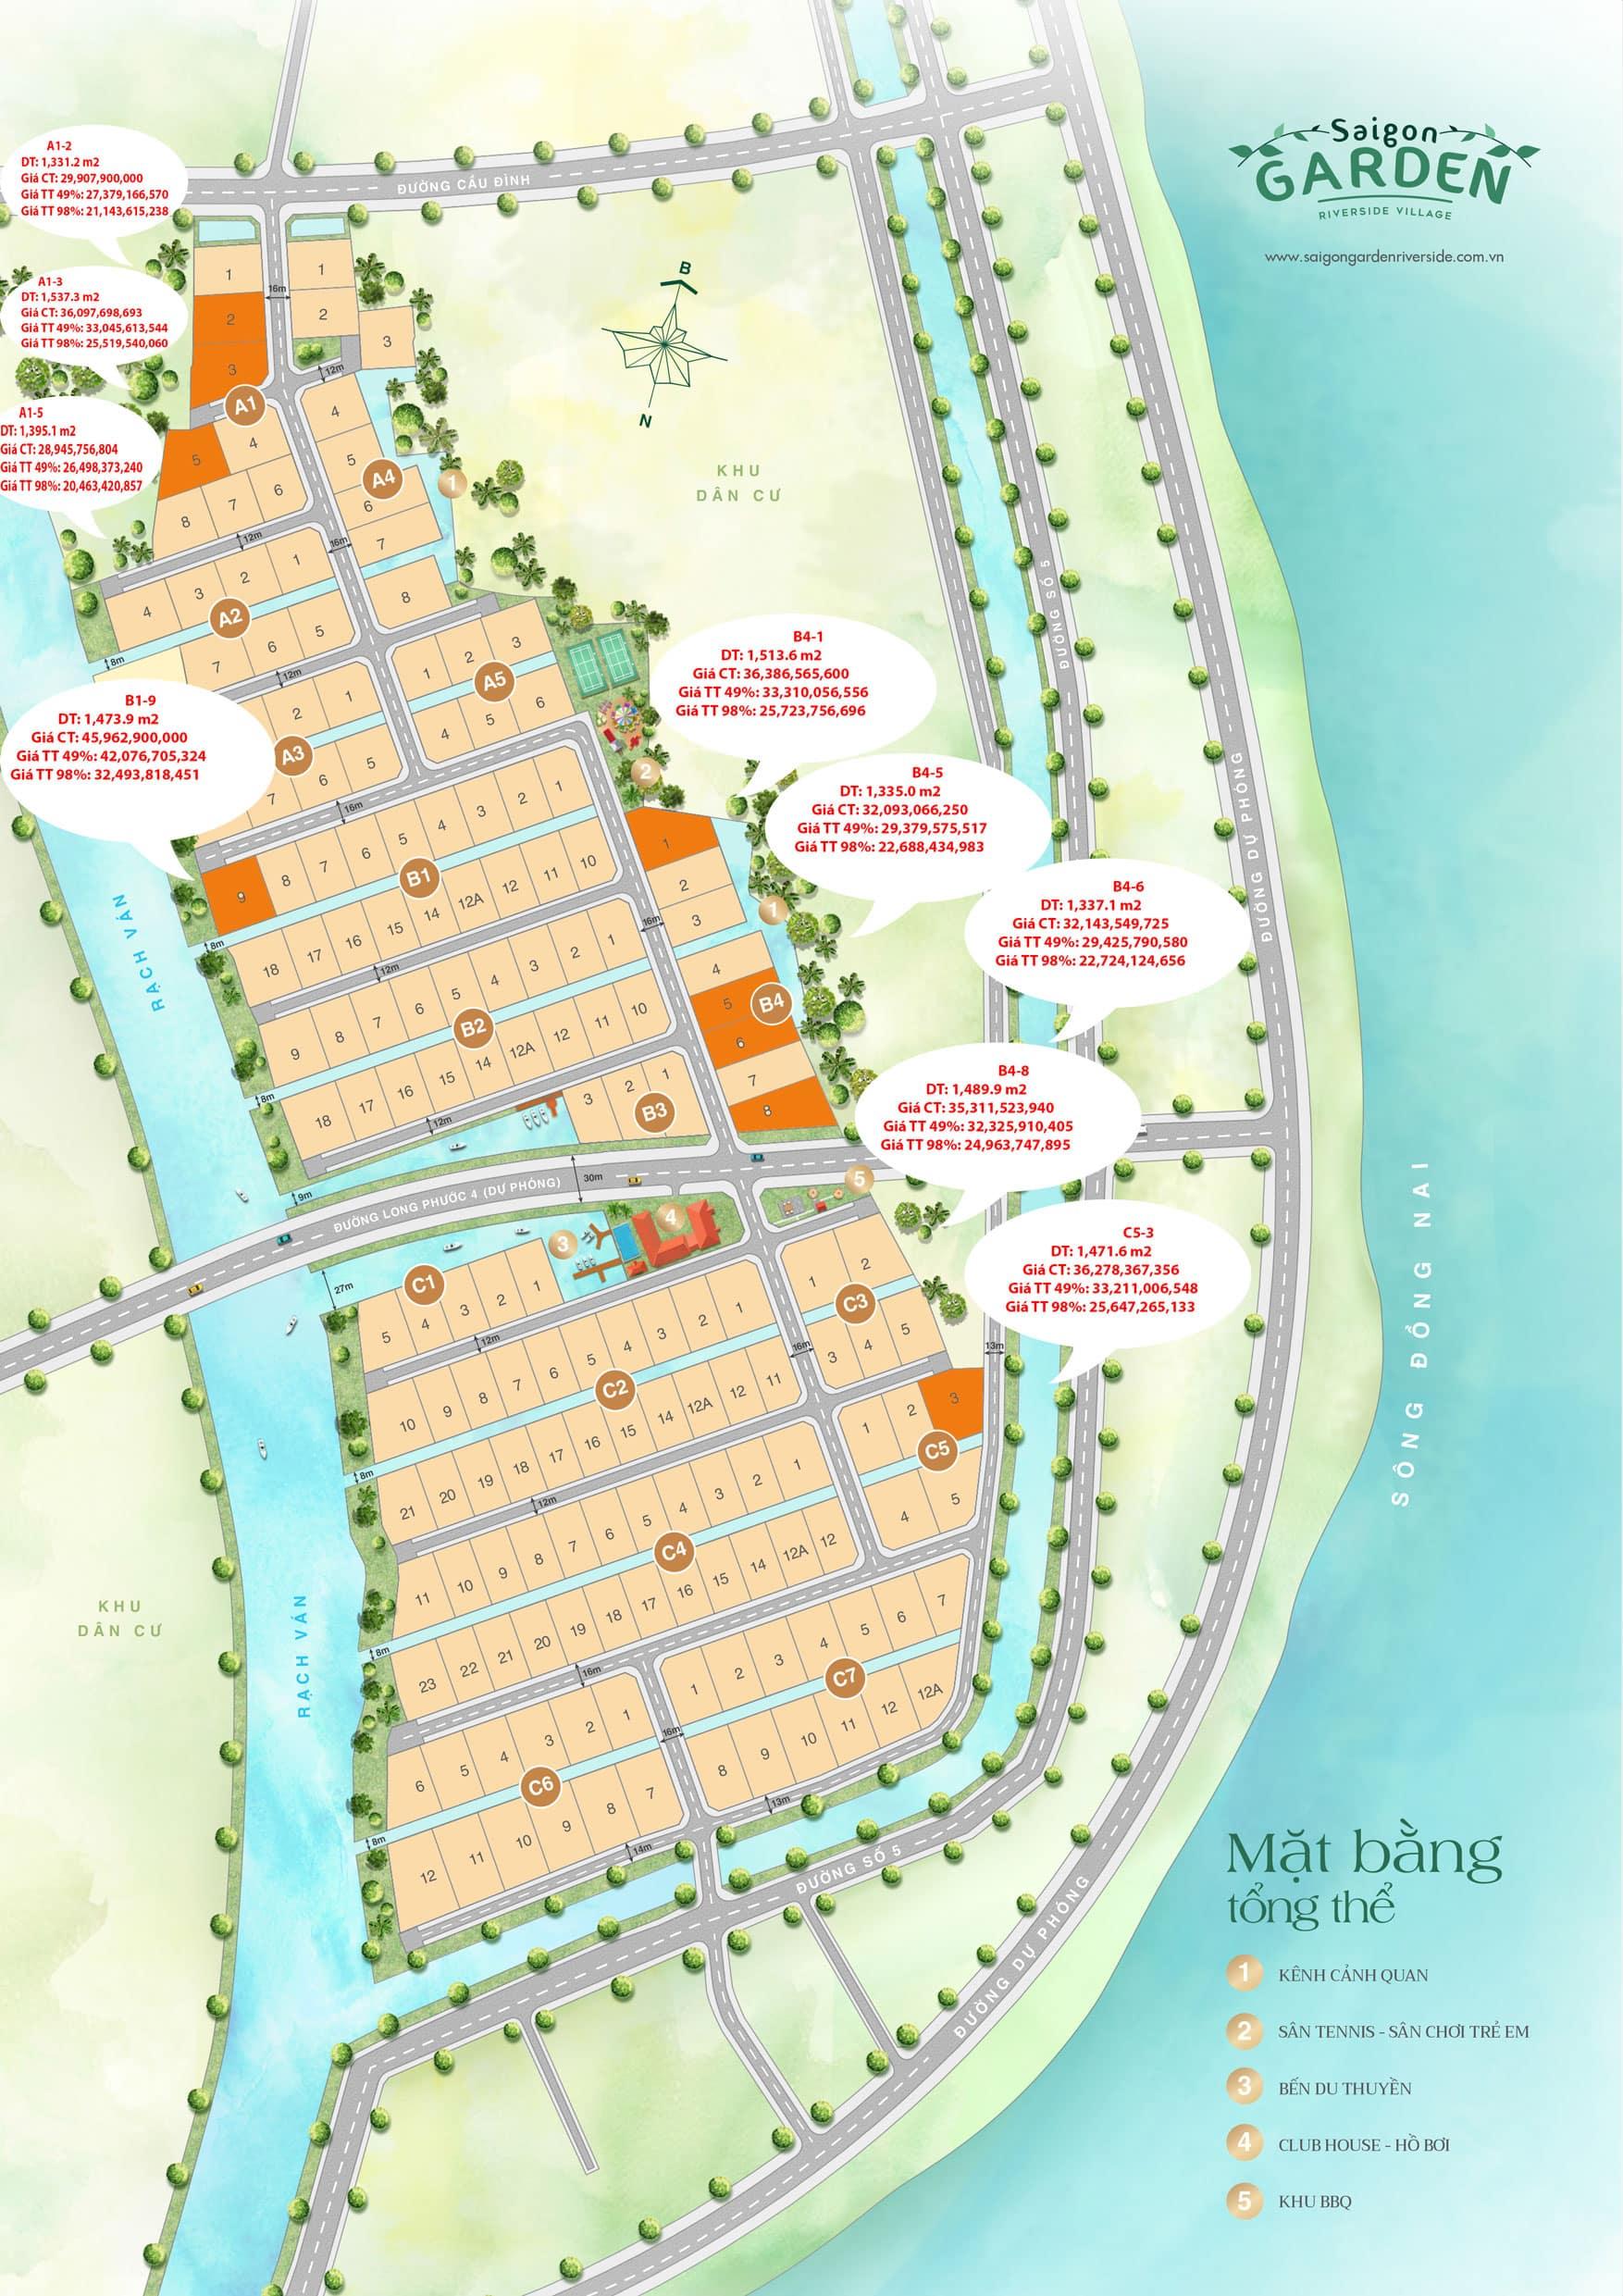 Mặt bằng và giá biệt thự Saigon Garden Riverside Village tháng 12/2020